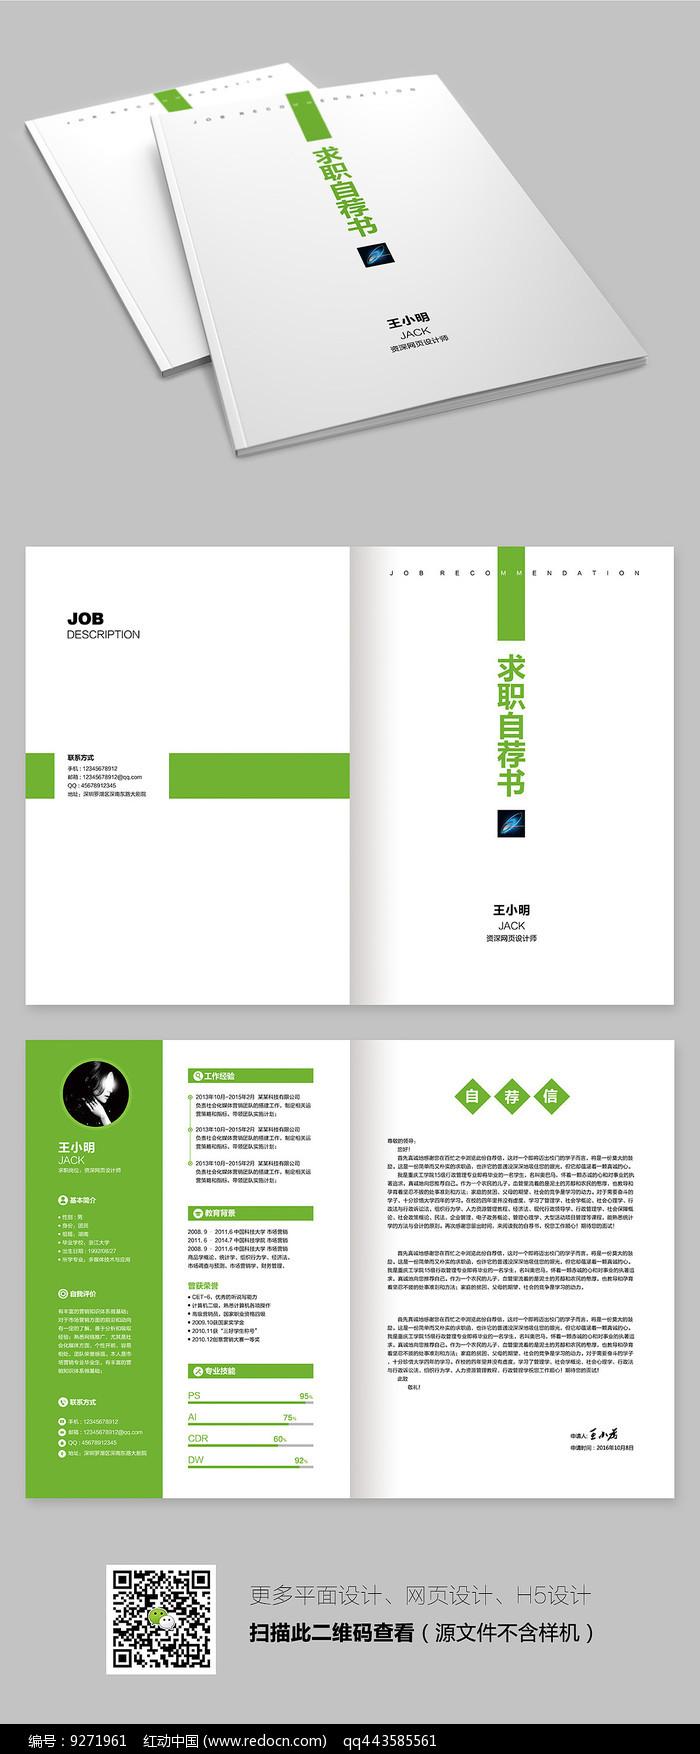 绿色个人求职简历模板设计图片